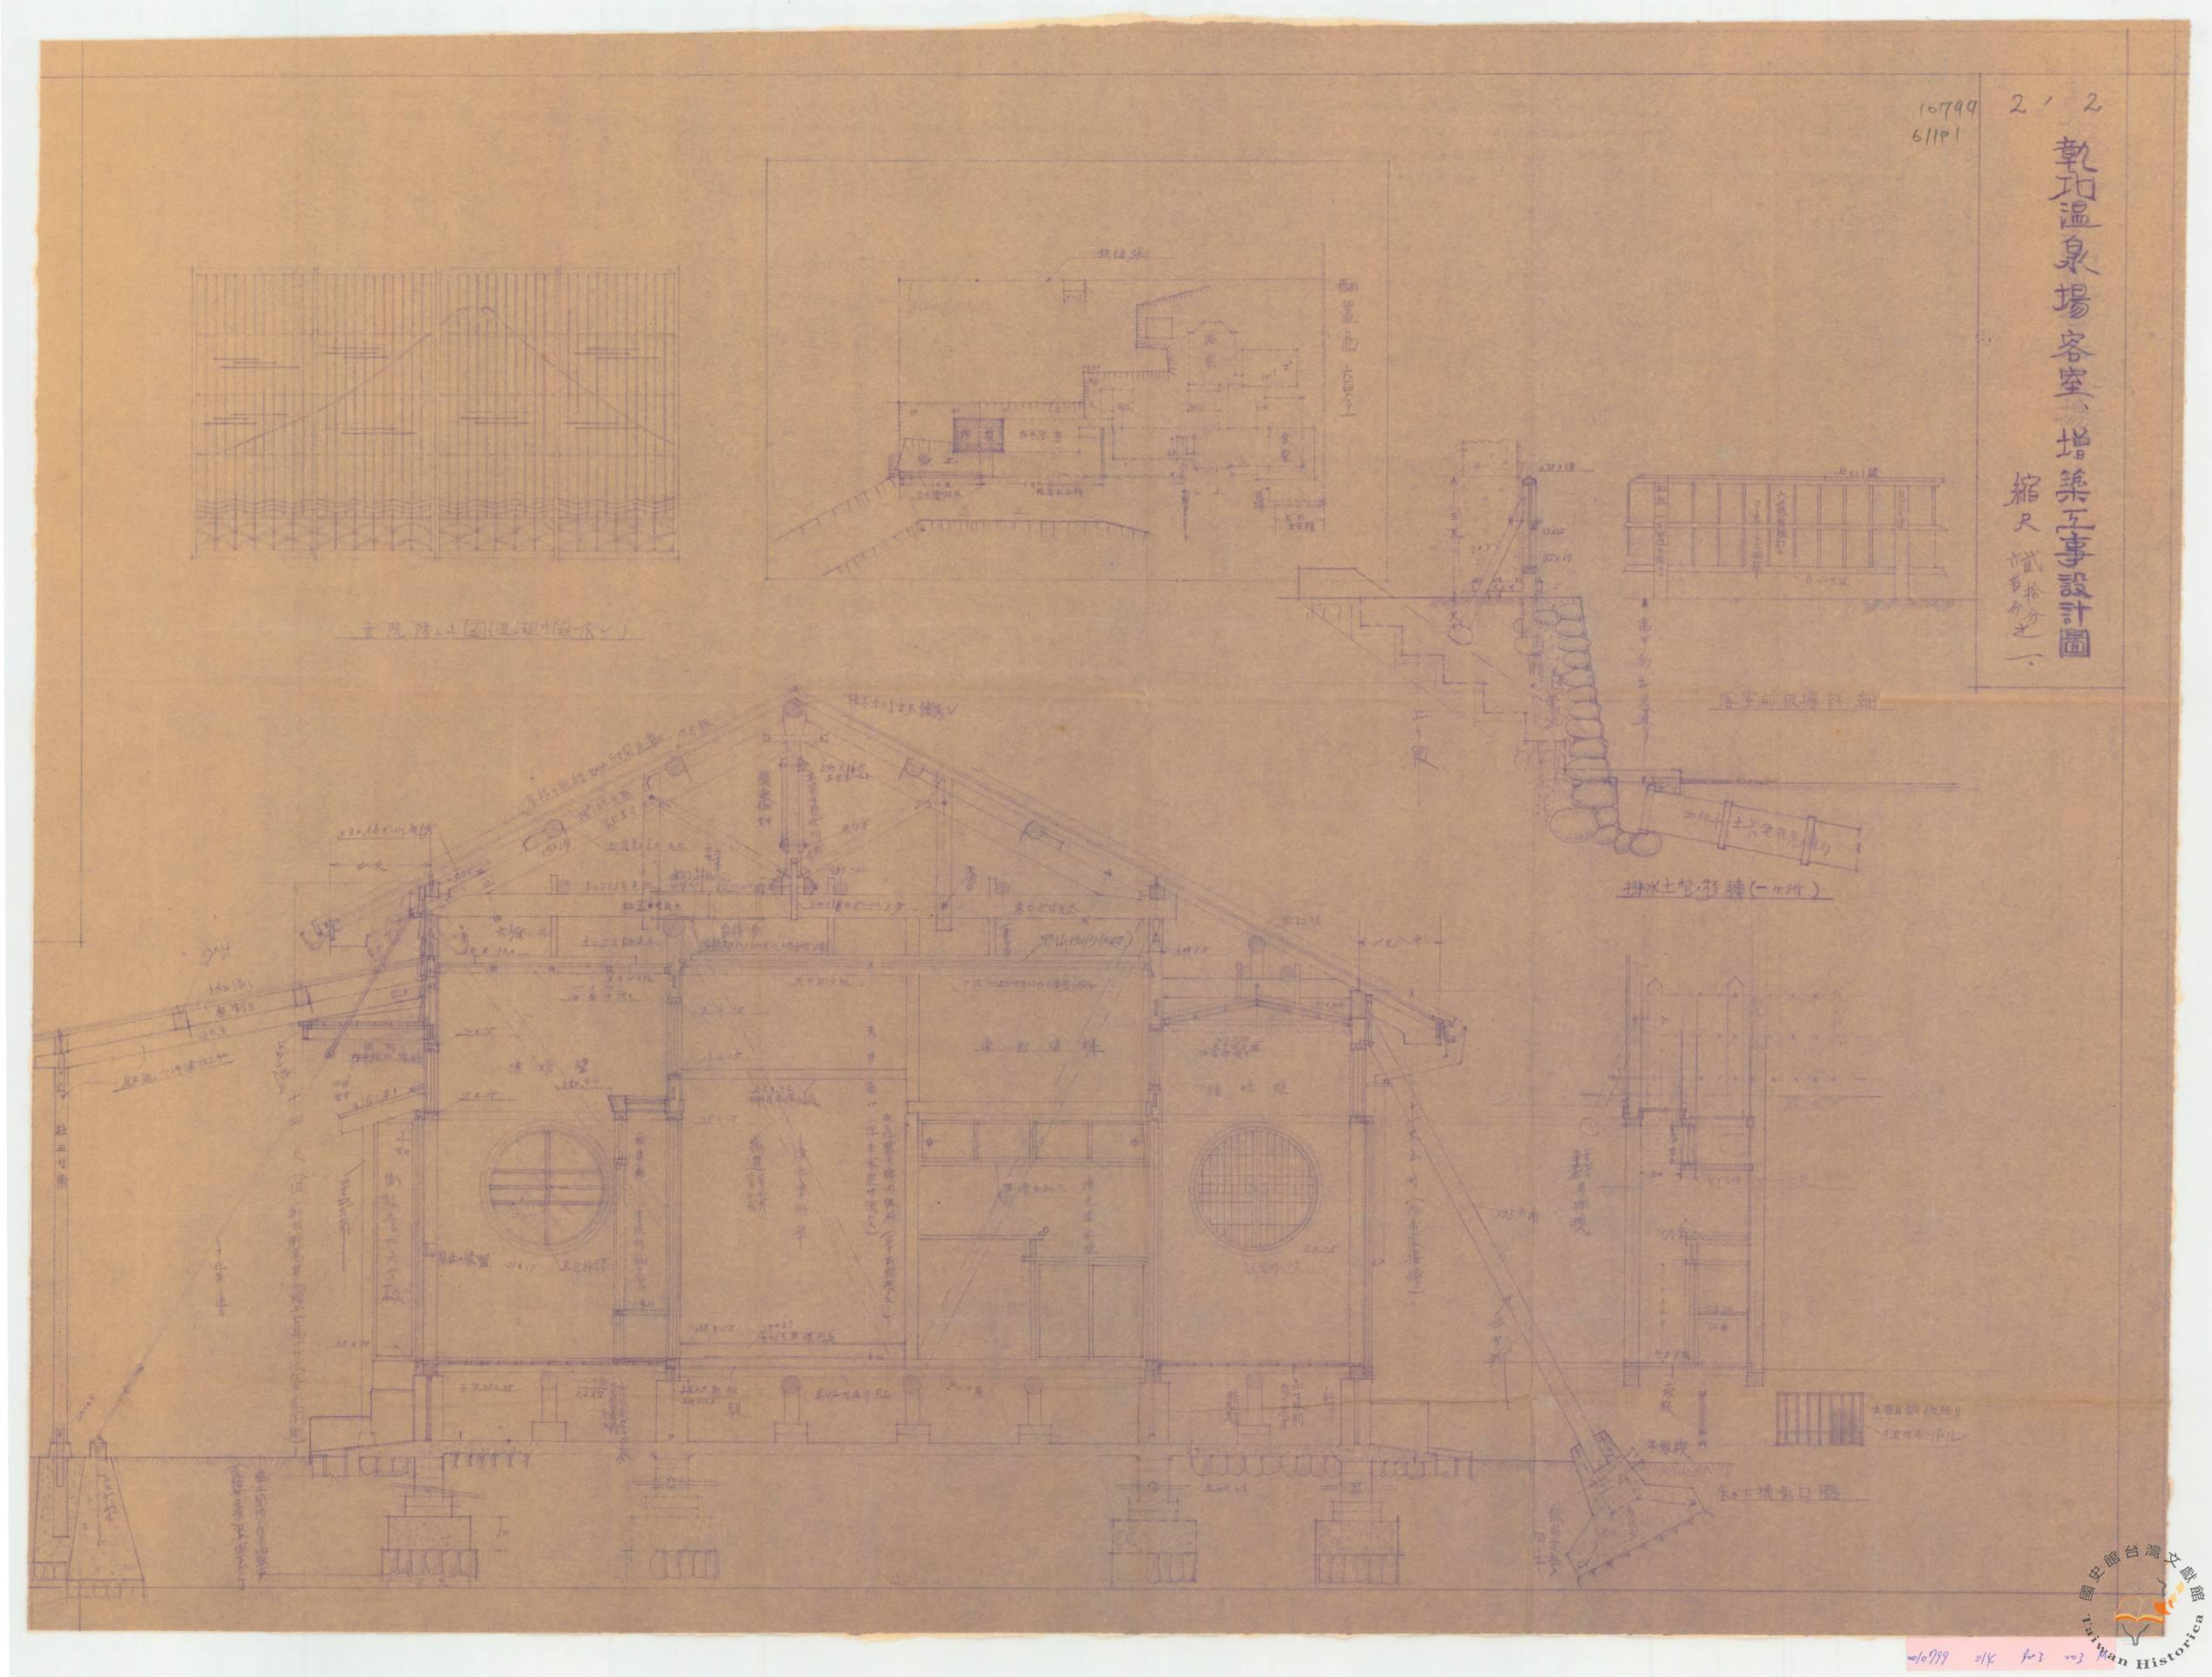 圖七:彰化溫泉場客室增築工事設計圖(資料來源:臺灣總督府檔案000107990149003003M)